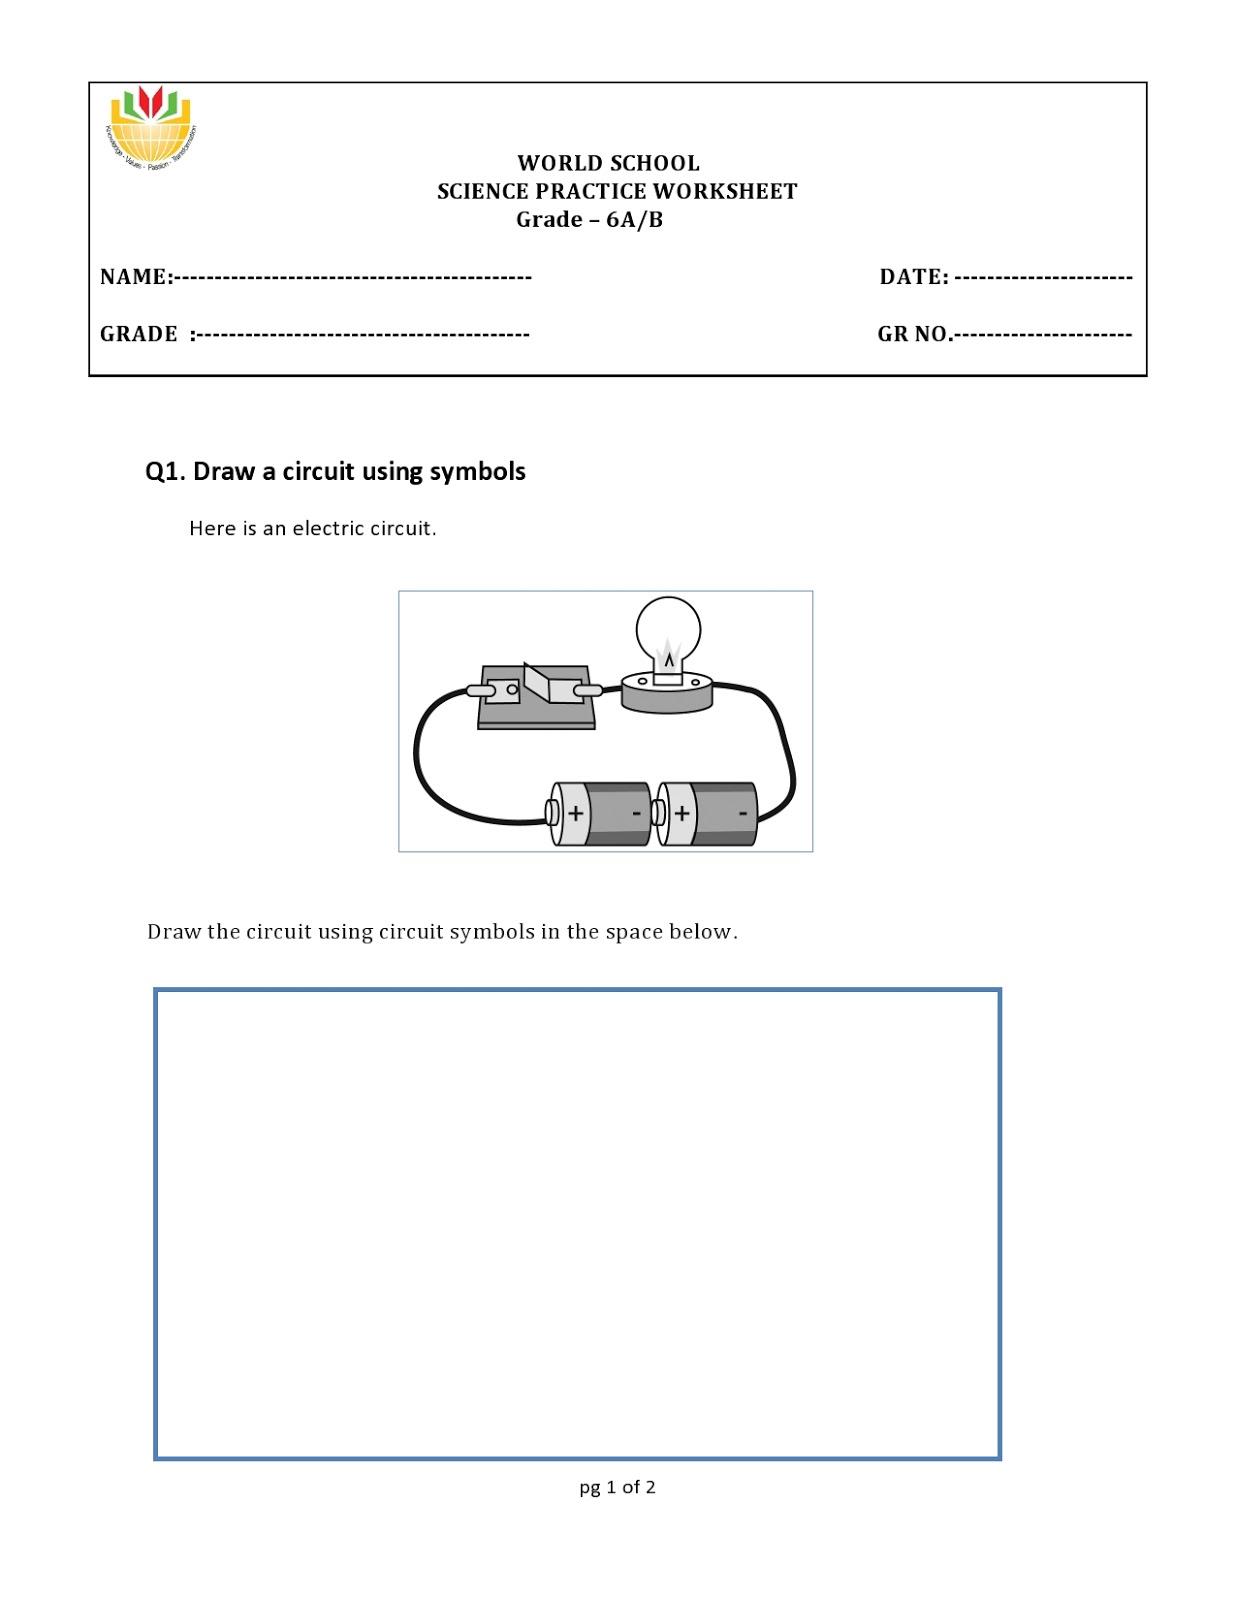 Homework For Grade 6 As On 01 04